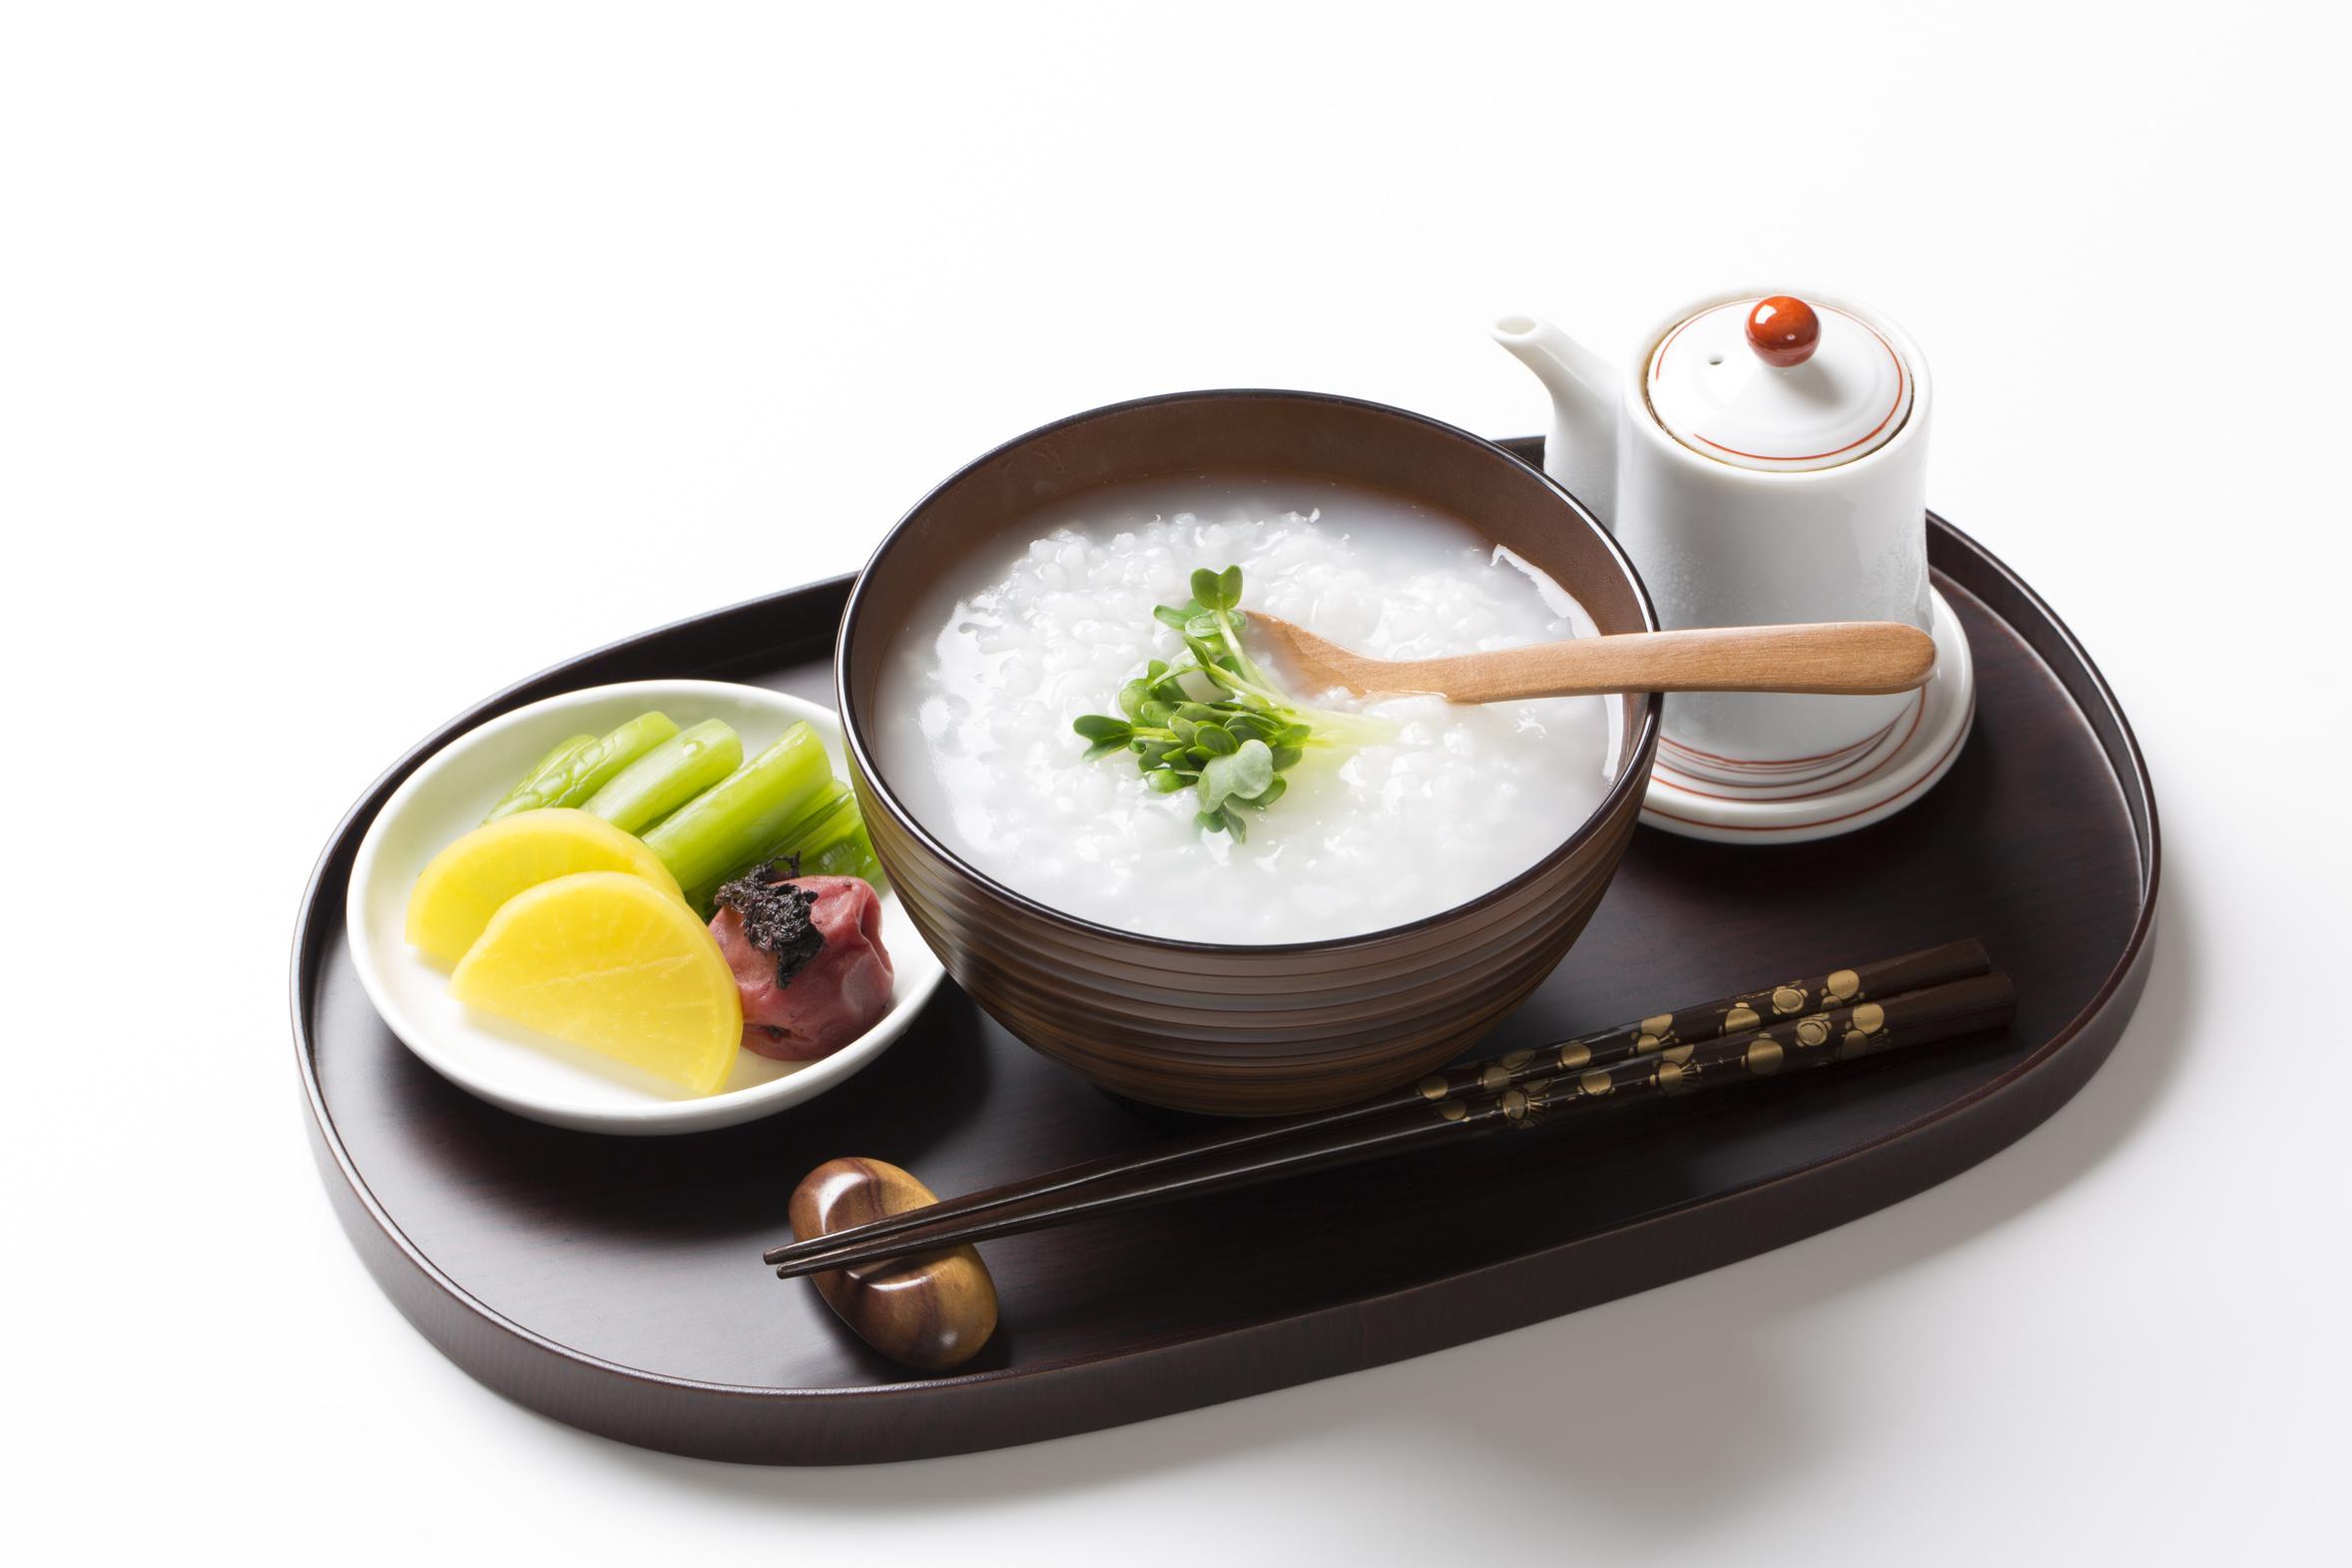 營養早餐 怎麼吃最健康 | 粥 | 大紀元